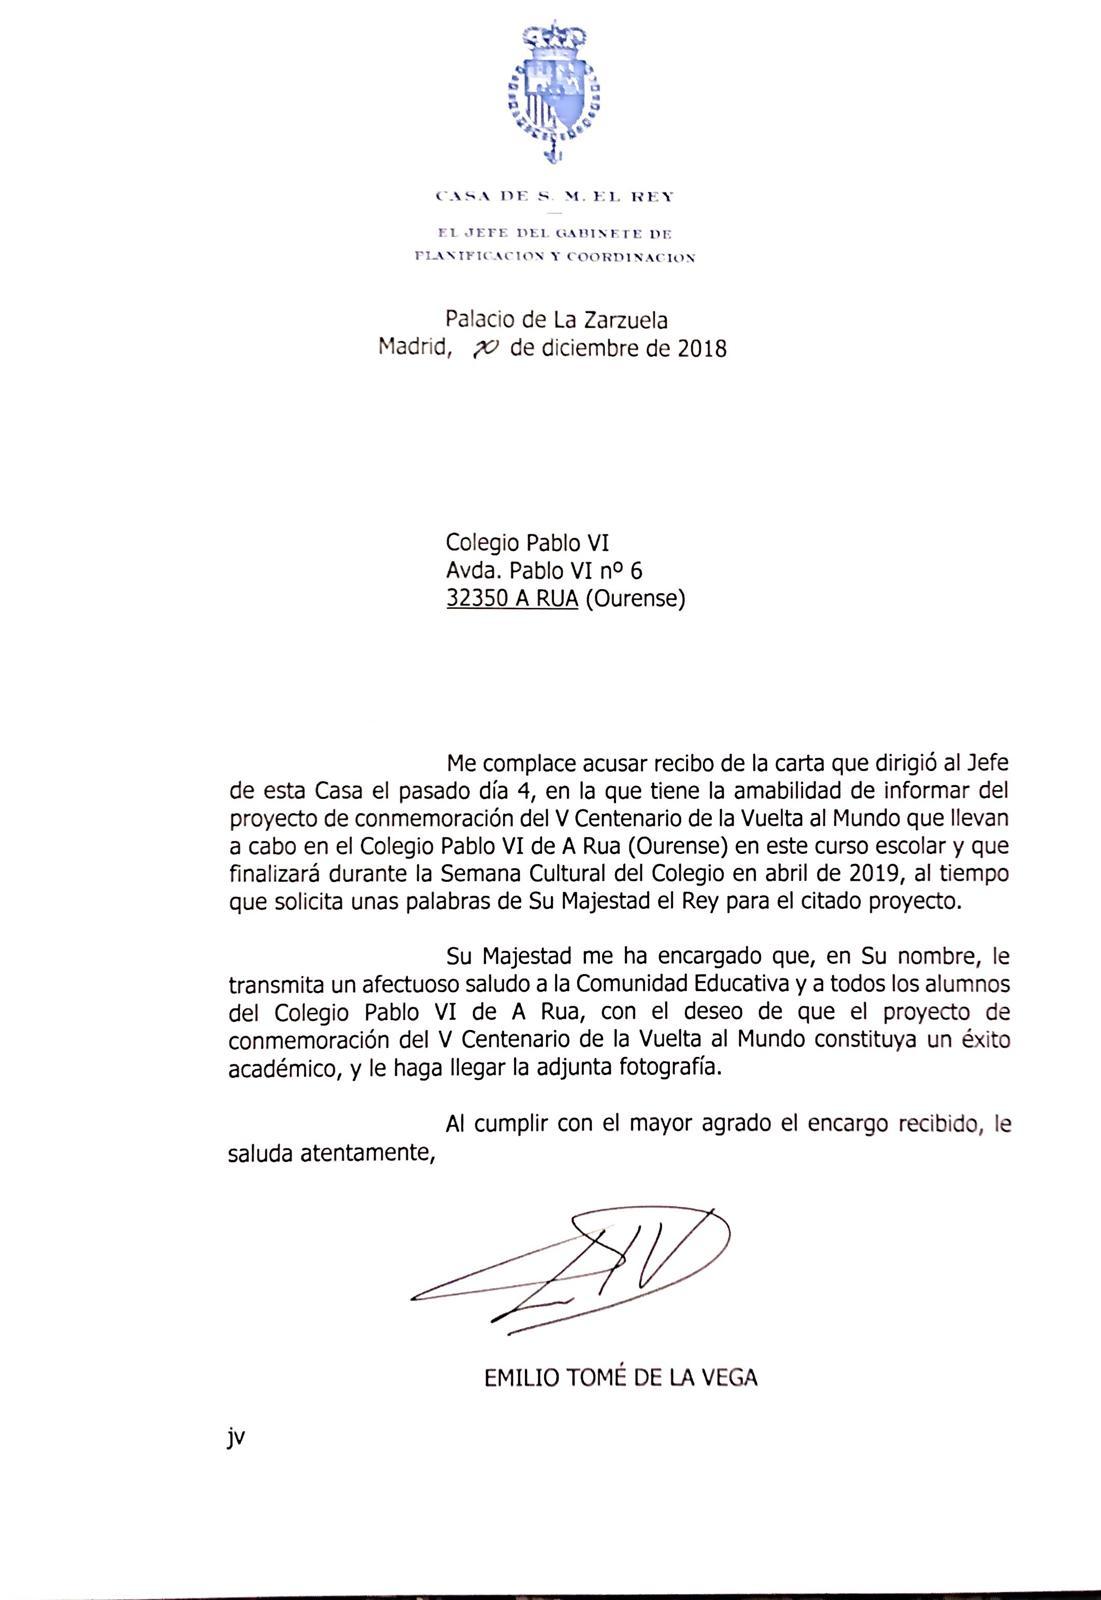 El Rey desea éxito por carta al  colegio Pablo VI en su proyecto sobre el V Centenario de la Vuelta al Mundo